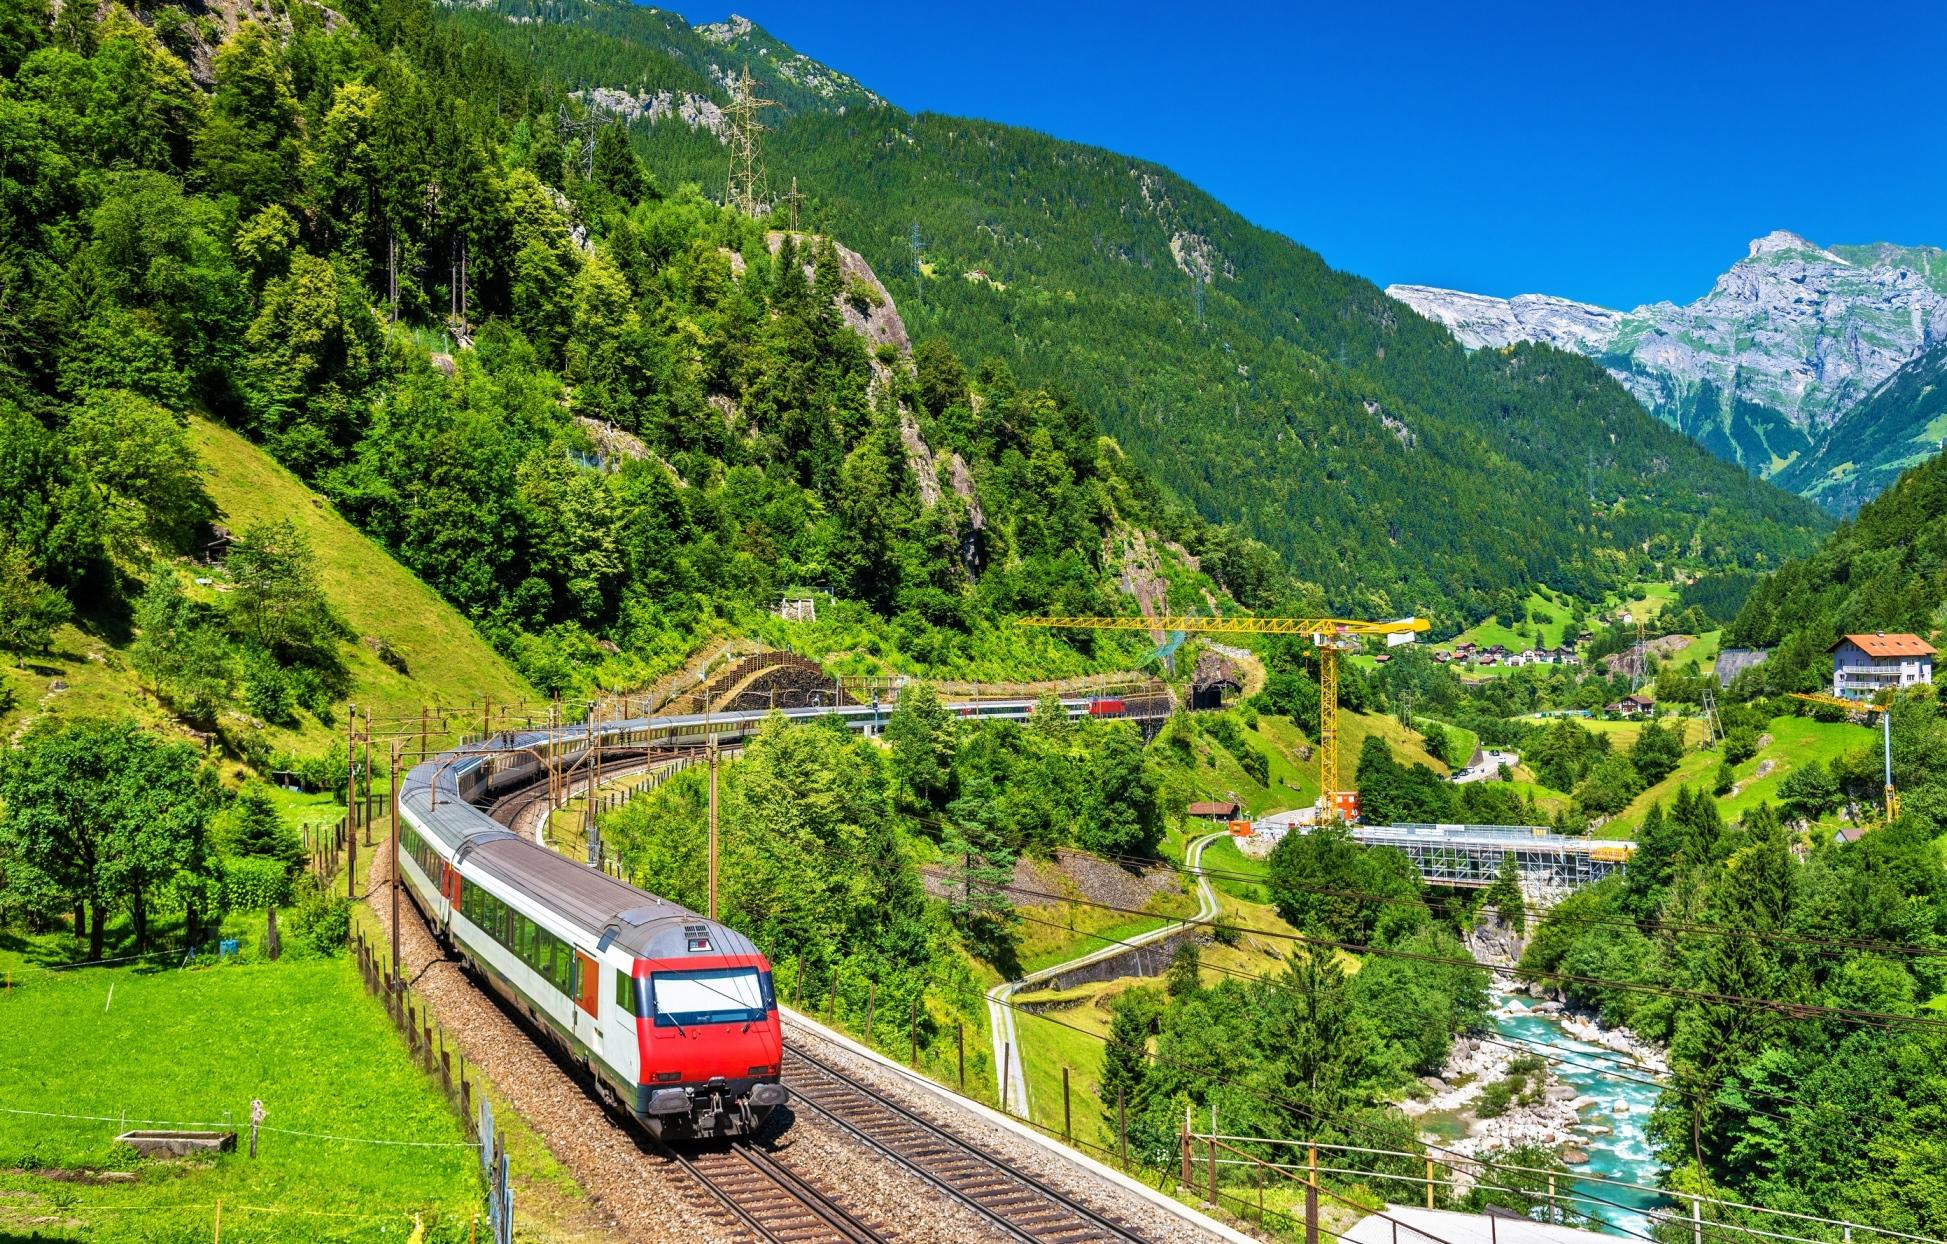 Gotthard railway Switzerland